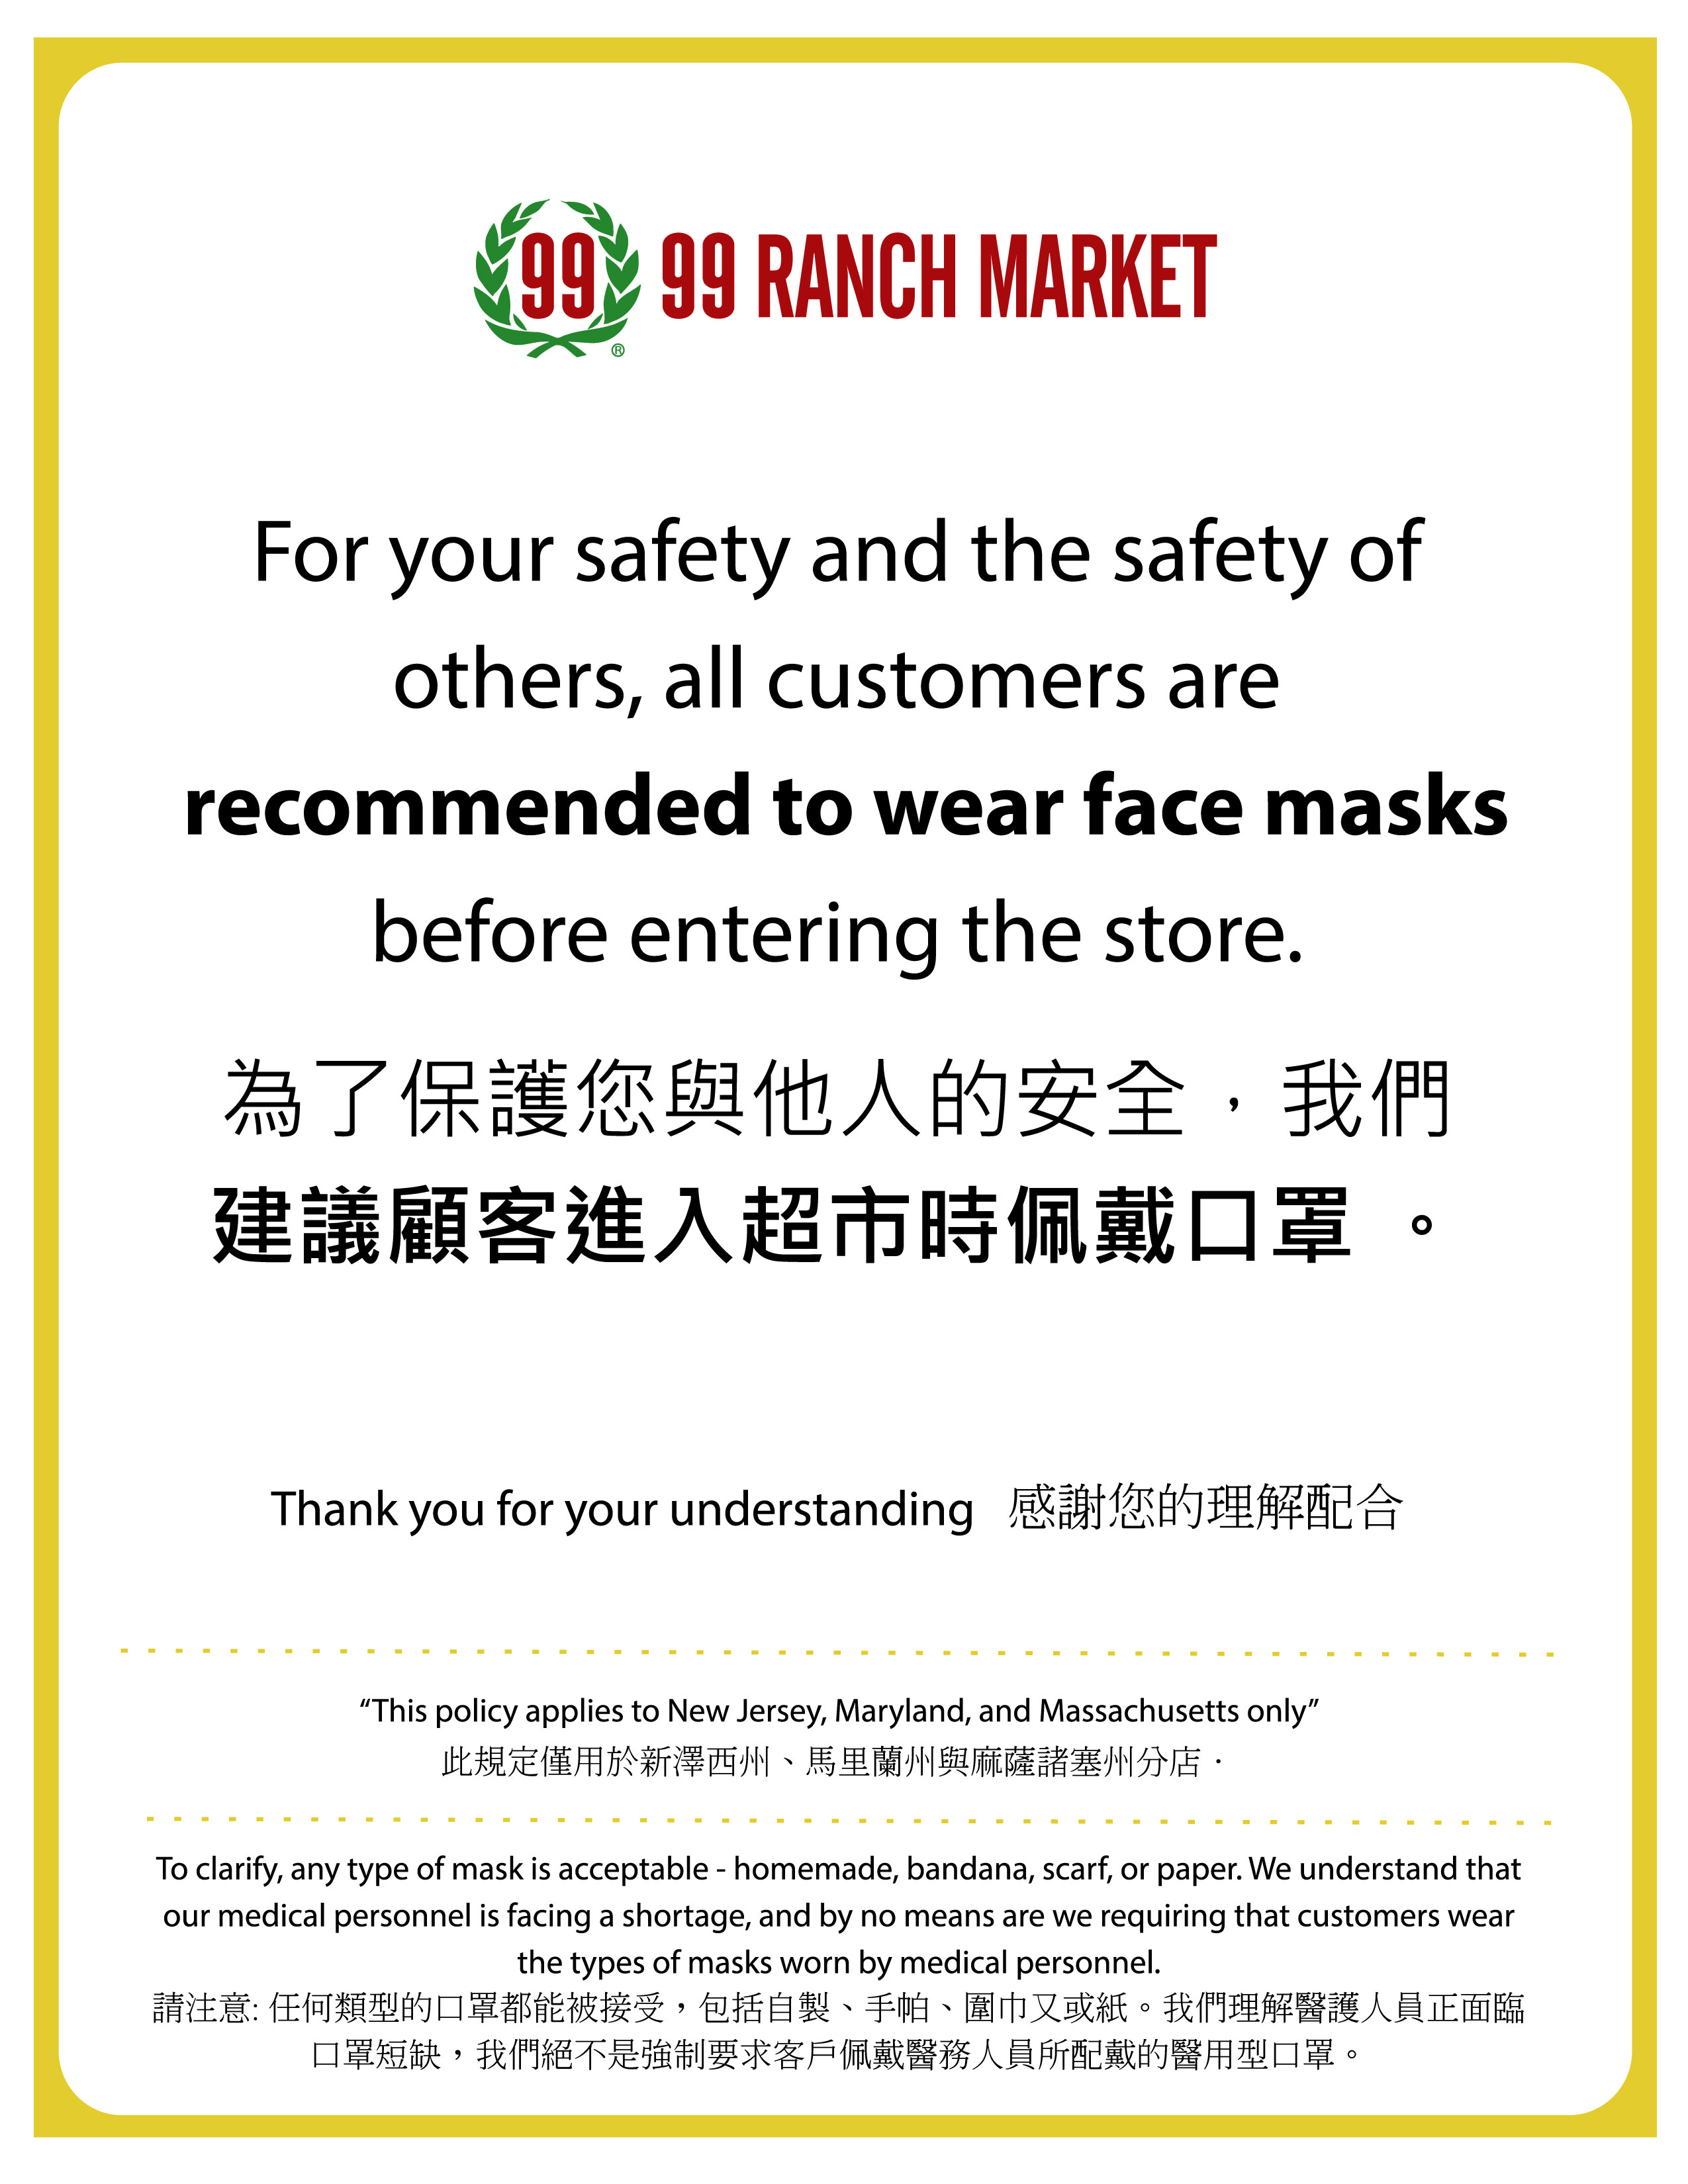 華資超市集團99大華超市在美東的分店粘貼通告呼籲民衆戴口罩進場,保護自己和保護別人。(大華超市提供)